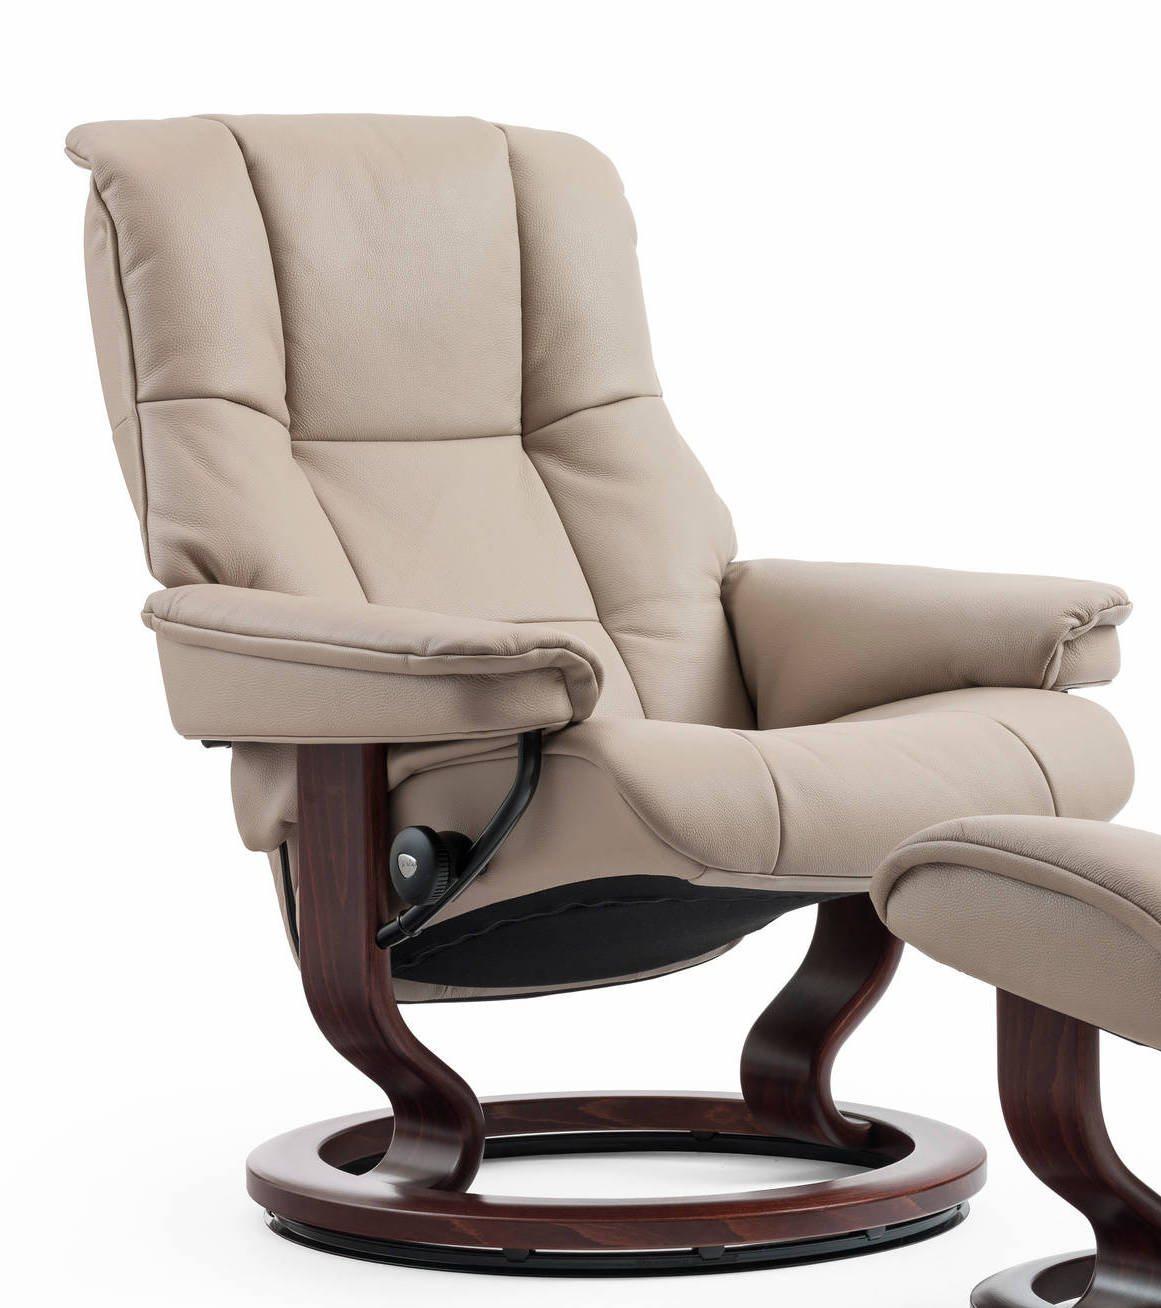 Stressless Mayfair Medium Recliner Chair